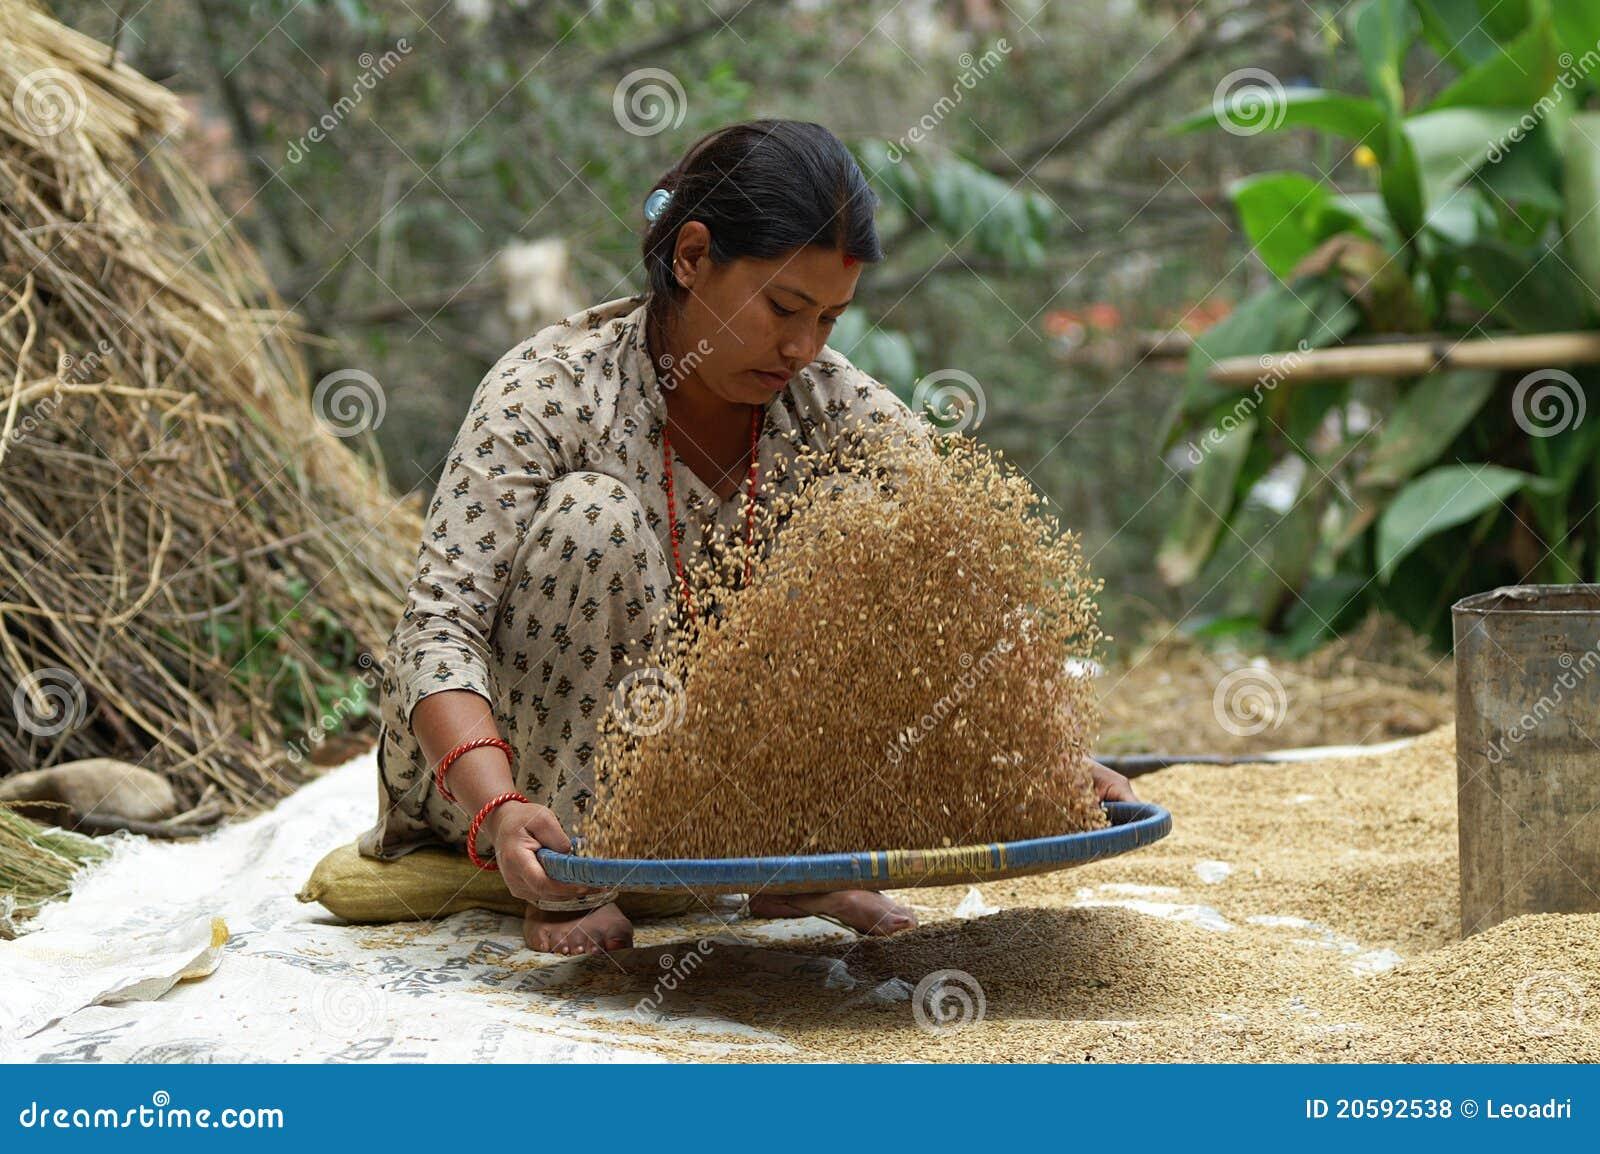 La mujer trabaja el trigo a los campos